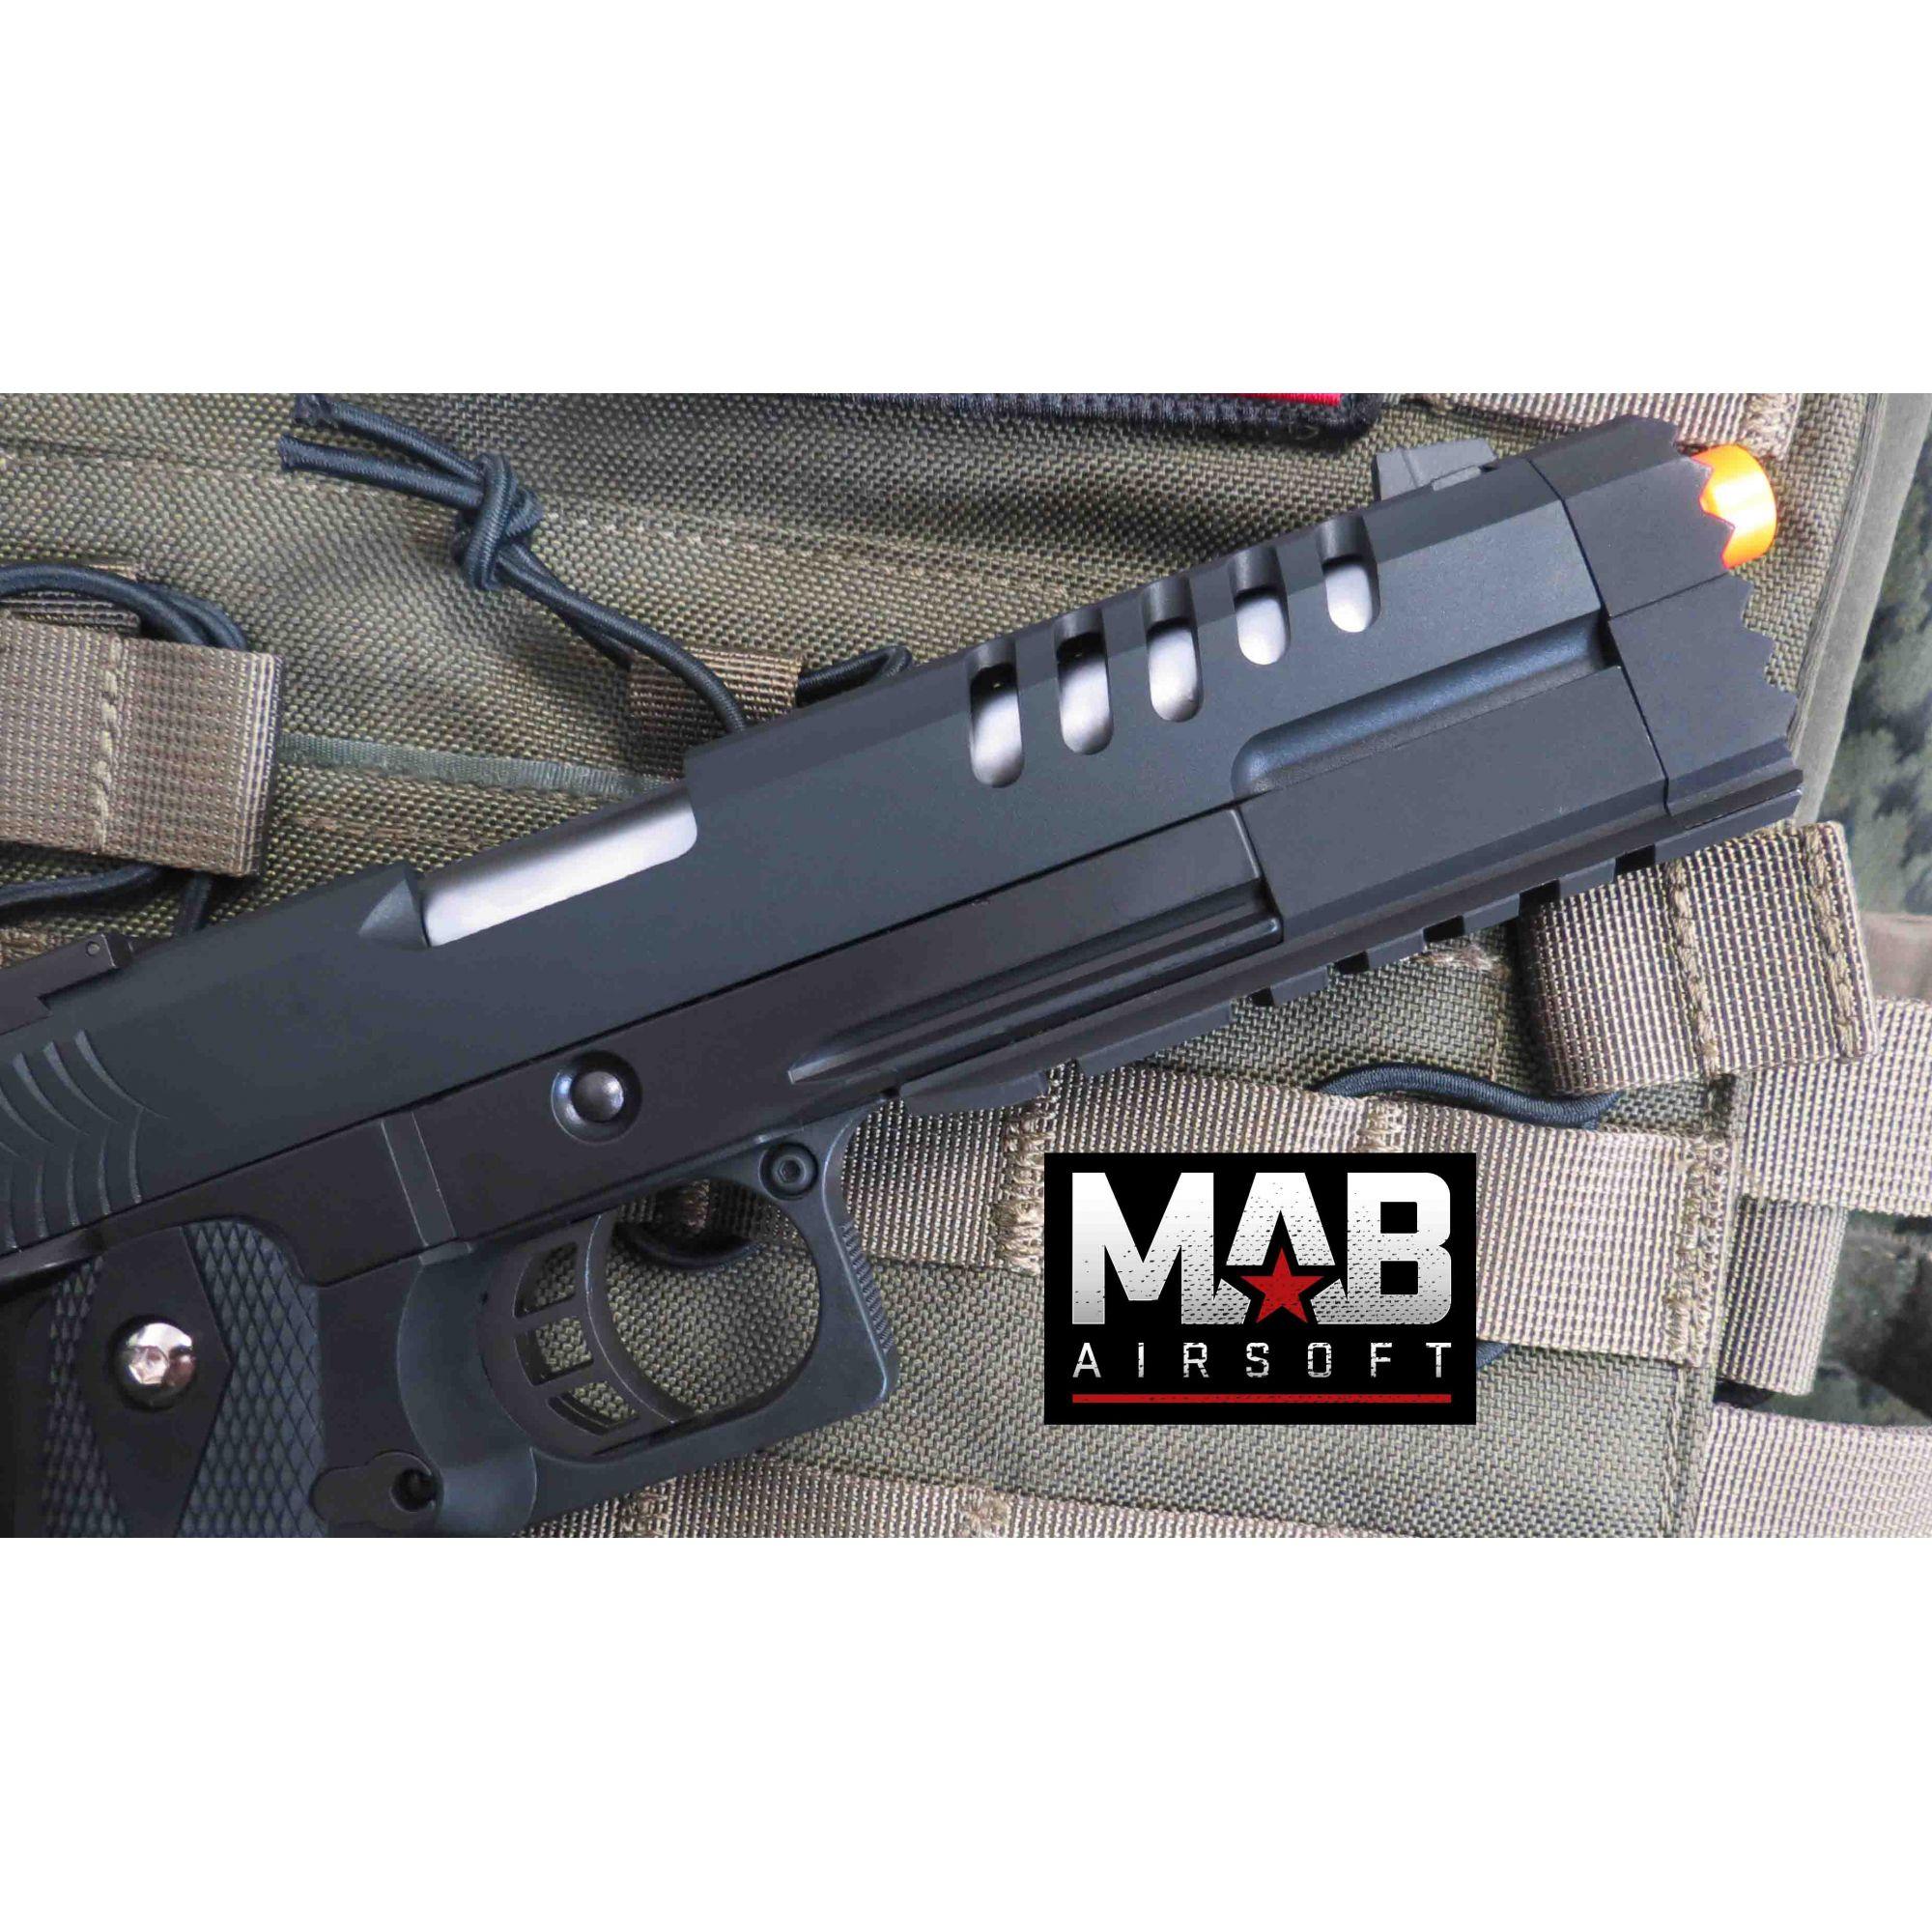 Pistola Airsoft WE Hi-Capa 5.2 K GBB Full Metal Preta - Calibre 6 mm  - MAB AIRSOFT